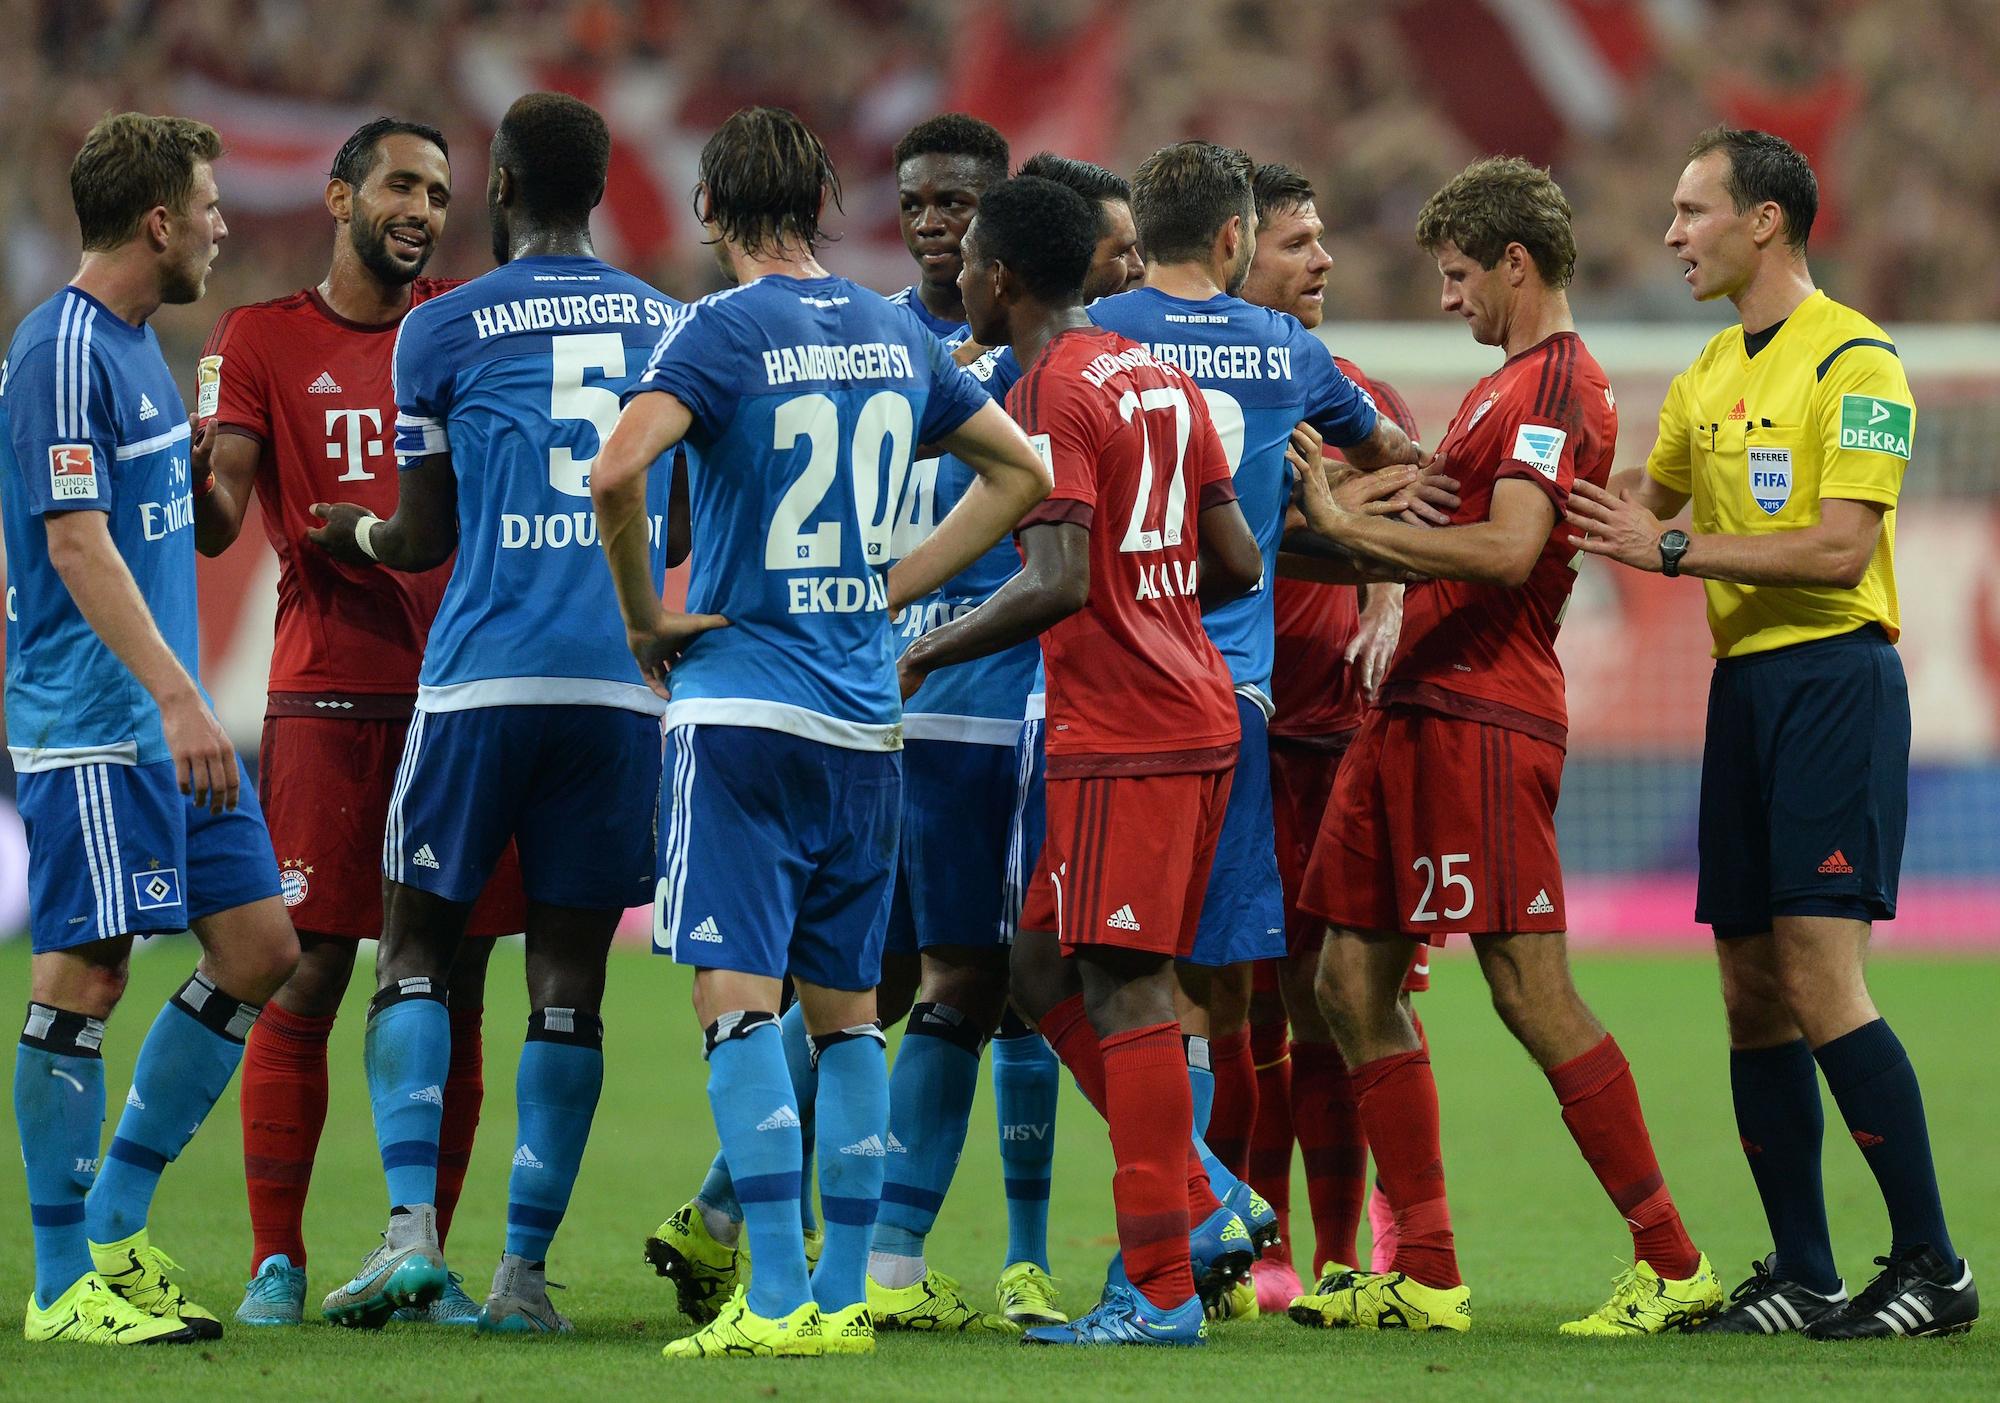 Un momento della sfida fra Bayern Monaco e Amburgo alla prima giornata di campionato